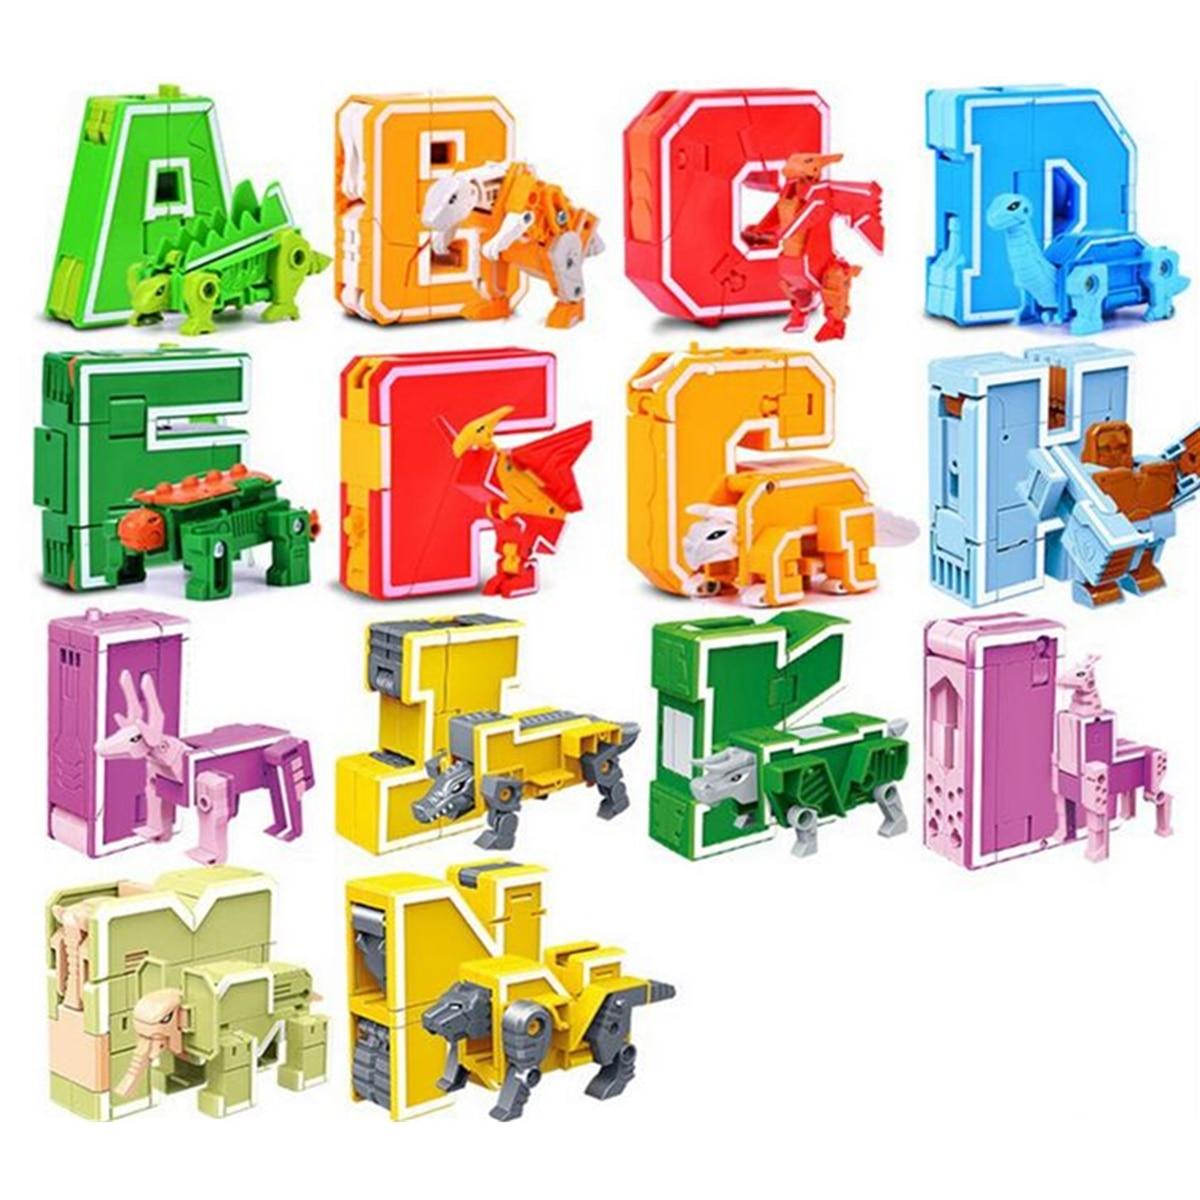 26 pièces lettre anglaise Robot déformation Alphabet Transformations Puzzle dinosaure Robot bricolage blocs de construction enfants jouets éducatifs - 3